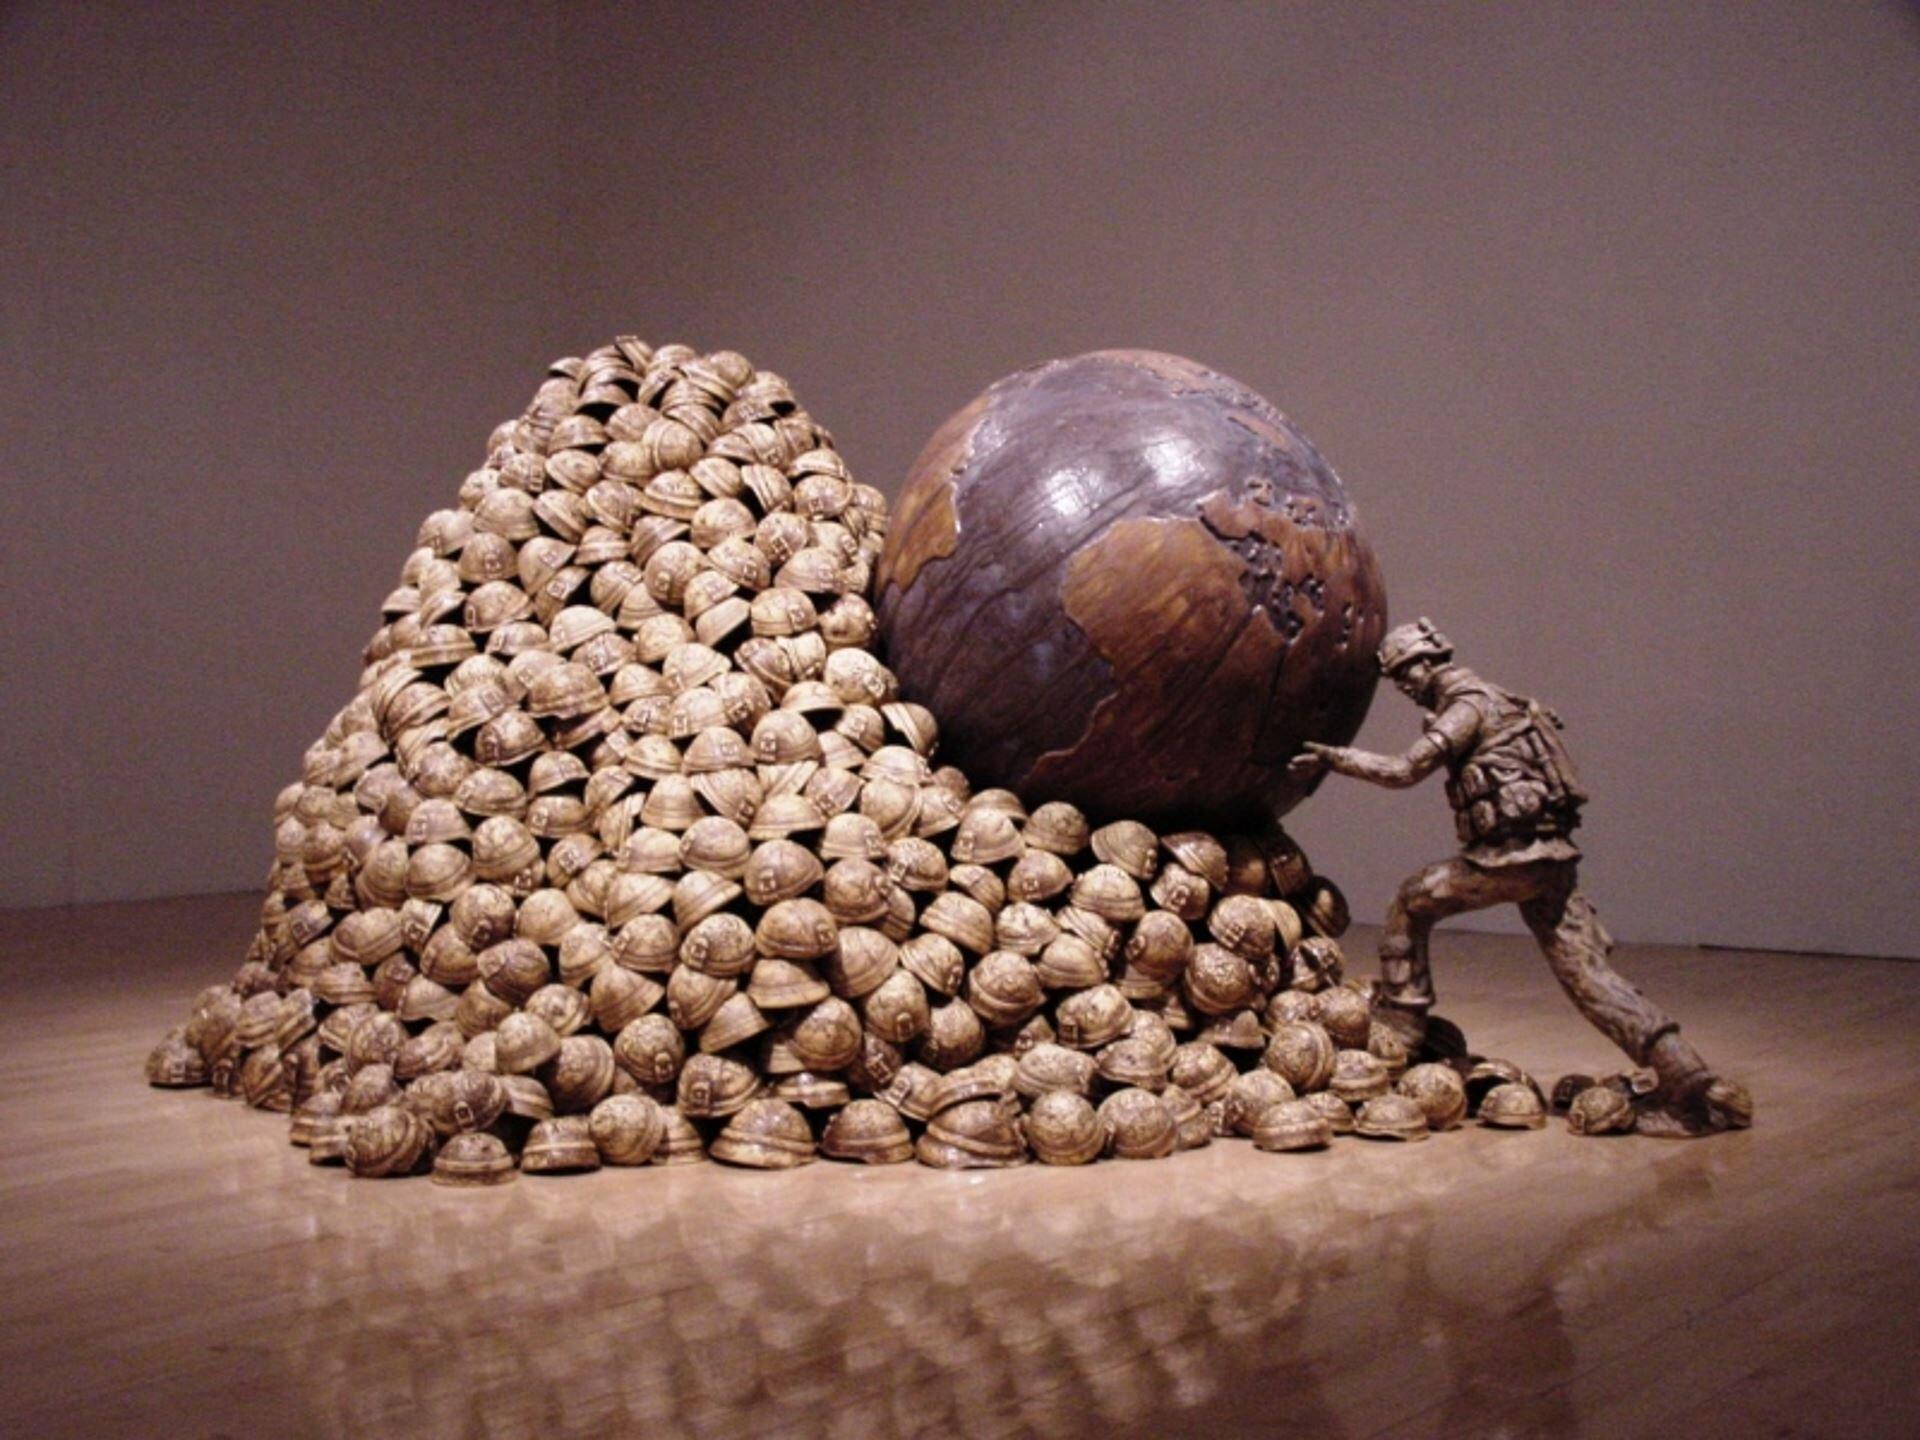 """Ilustracja przedstawia ceramiczną rzeźbę Stevena M. Allena pt. """"Syzyf"""". Ukazuje ona żołnierza pchającego kamień wformie kuli ziemskiej pod górę zrobioną zhełmów wojskowych. Podpiera on kulę głową irękoma."""